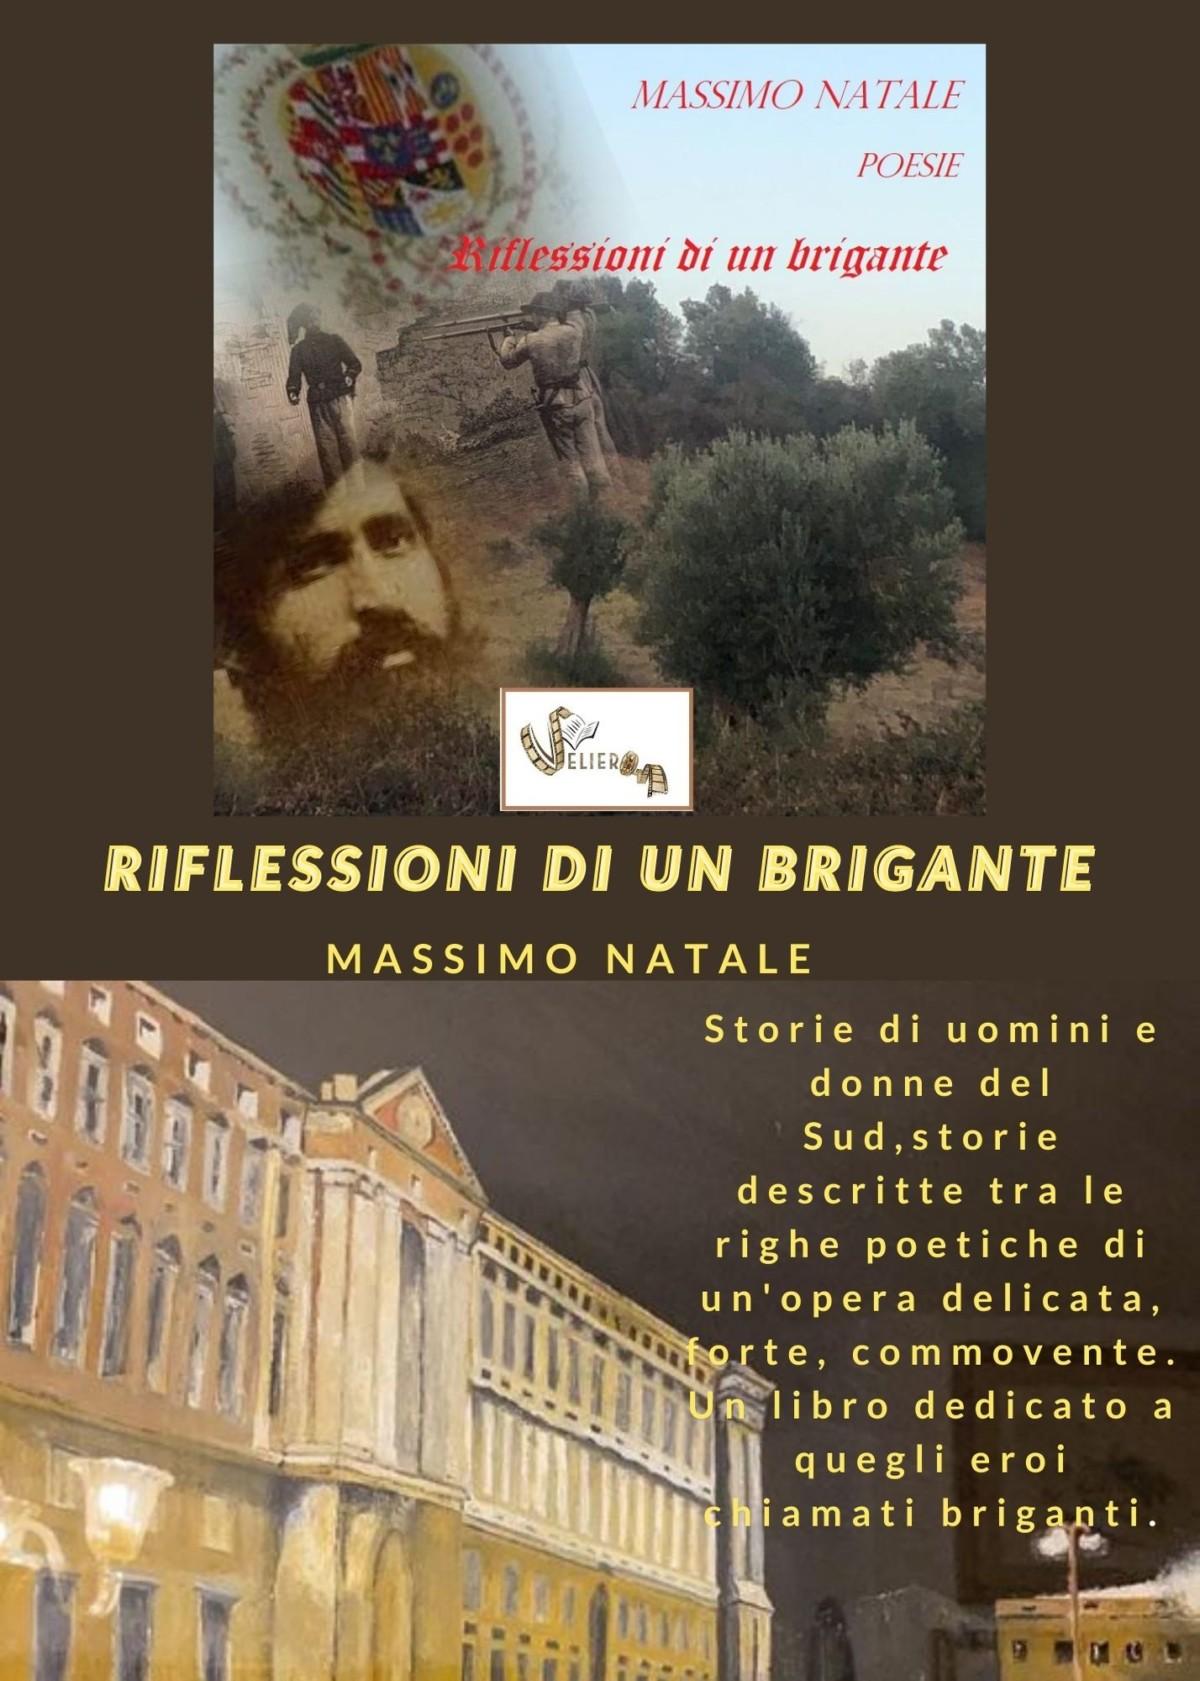 Cirò-Marina-Riflessioni-di-un-brigante-nuova-opera-letteraria-a-firma-edizione-Veliero